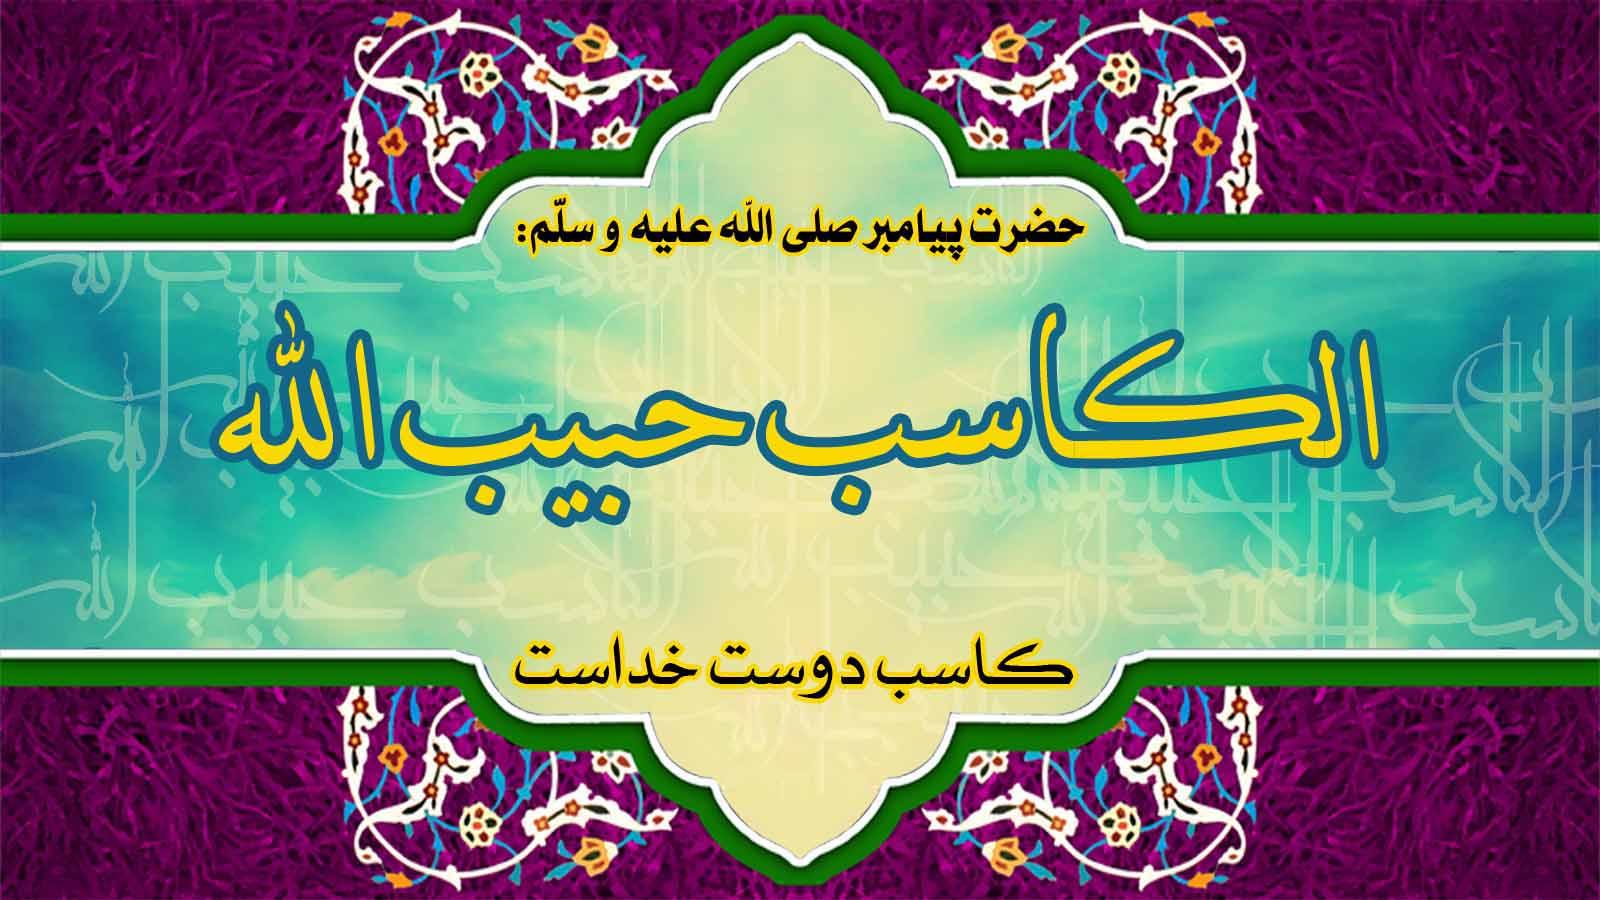 اهمیت کسب و کار حلال در آموزه های دین اسلام- پایگاه اینترنتی دانستنی در ایران2